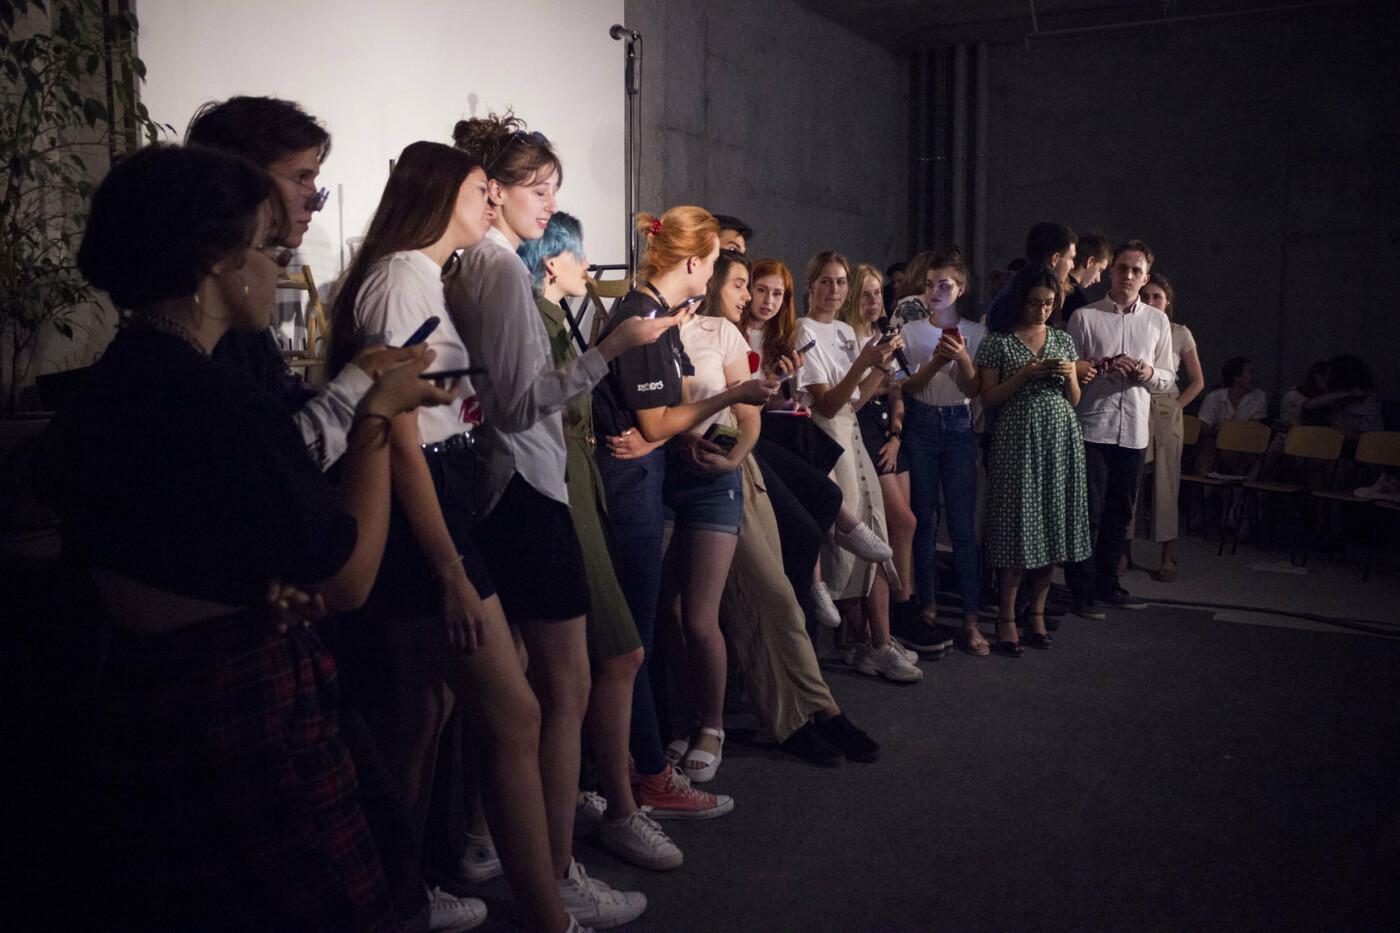 """""""Искусство внутри нас"""": основательница проекта """"Art Inside"""" Алиса Куцовская о самовыражении, объединении людей и творчестве , фото-6"""